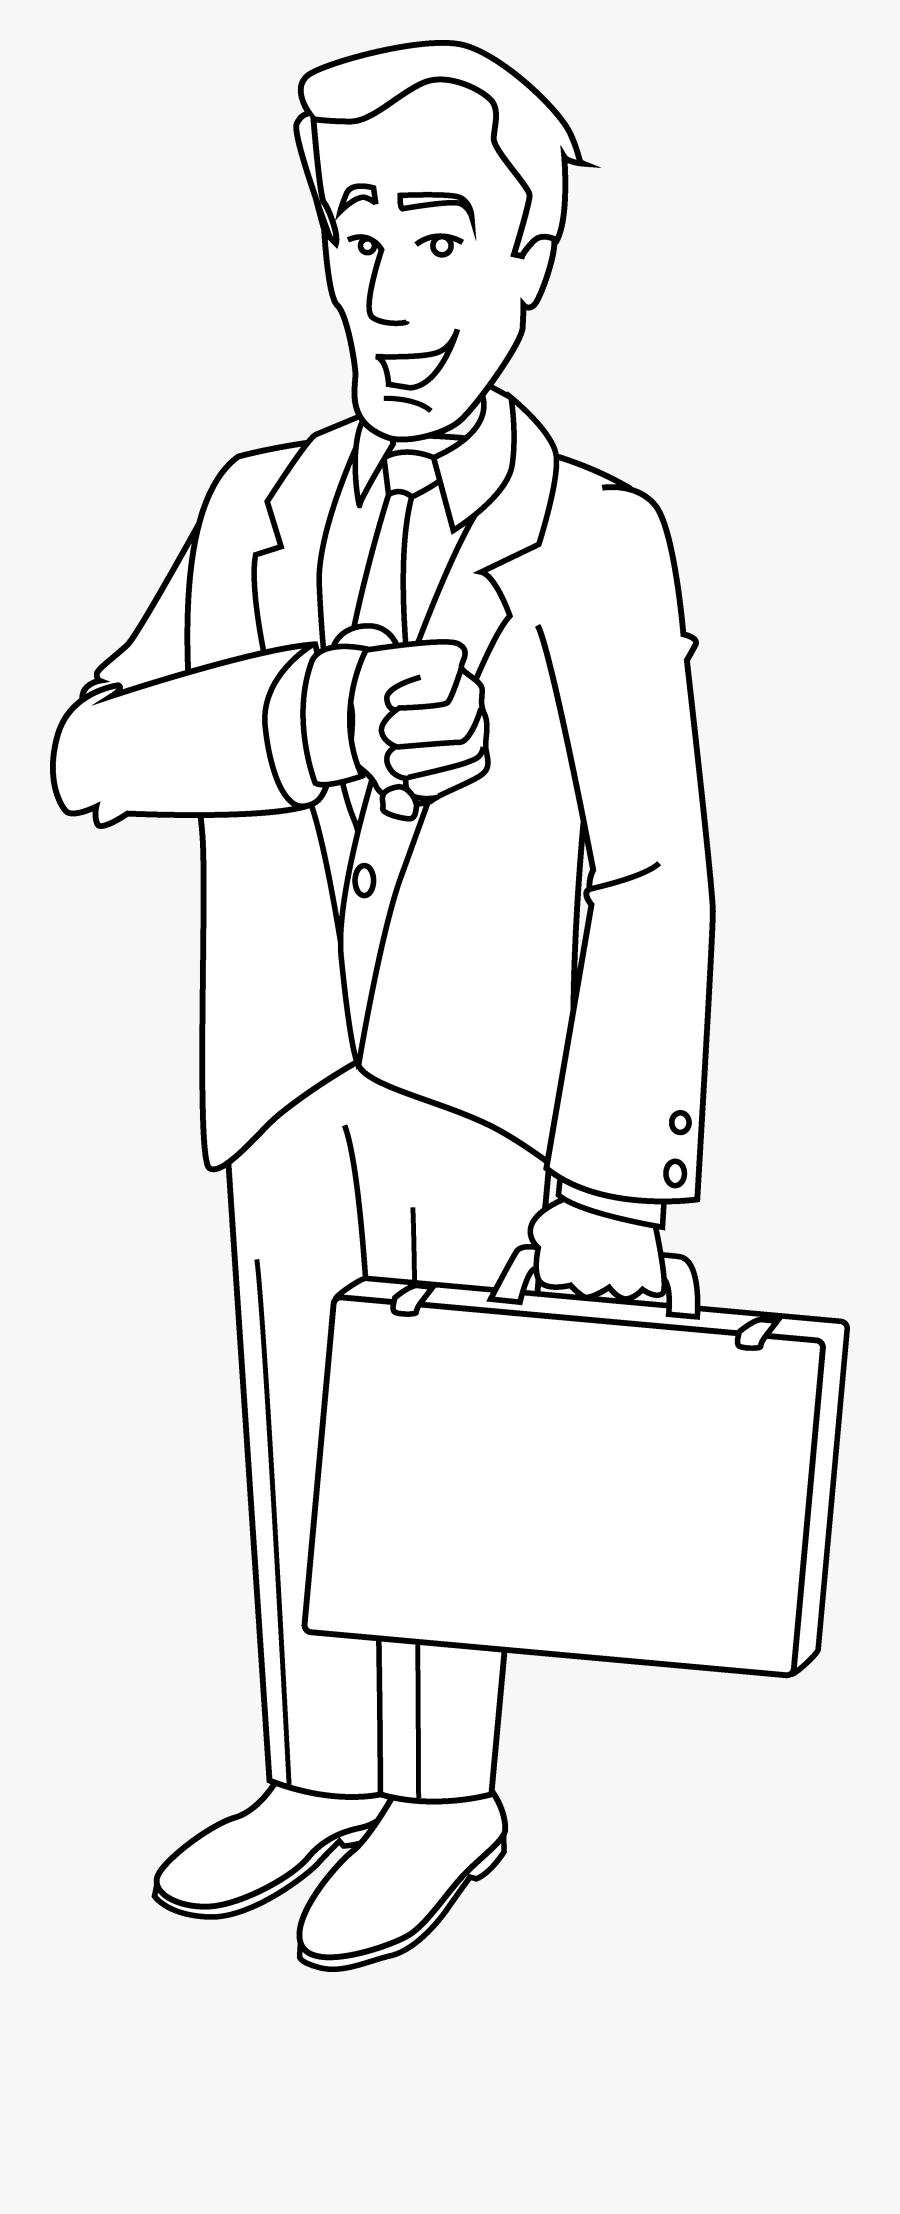 Businessman Coloring Page Free Clip Art - Business Man Line Art, Transparent Clipart